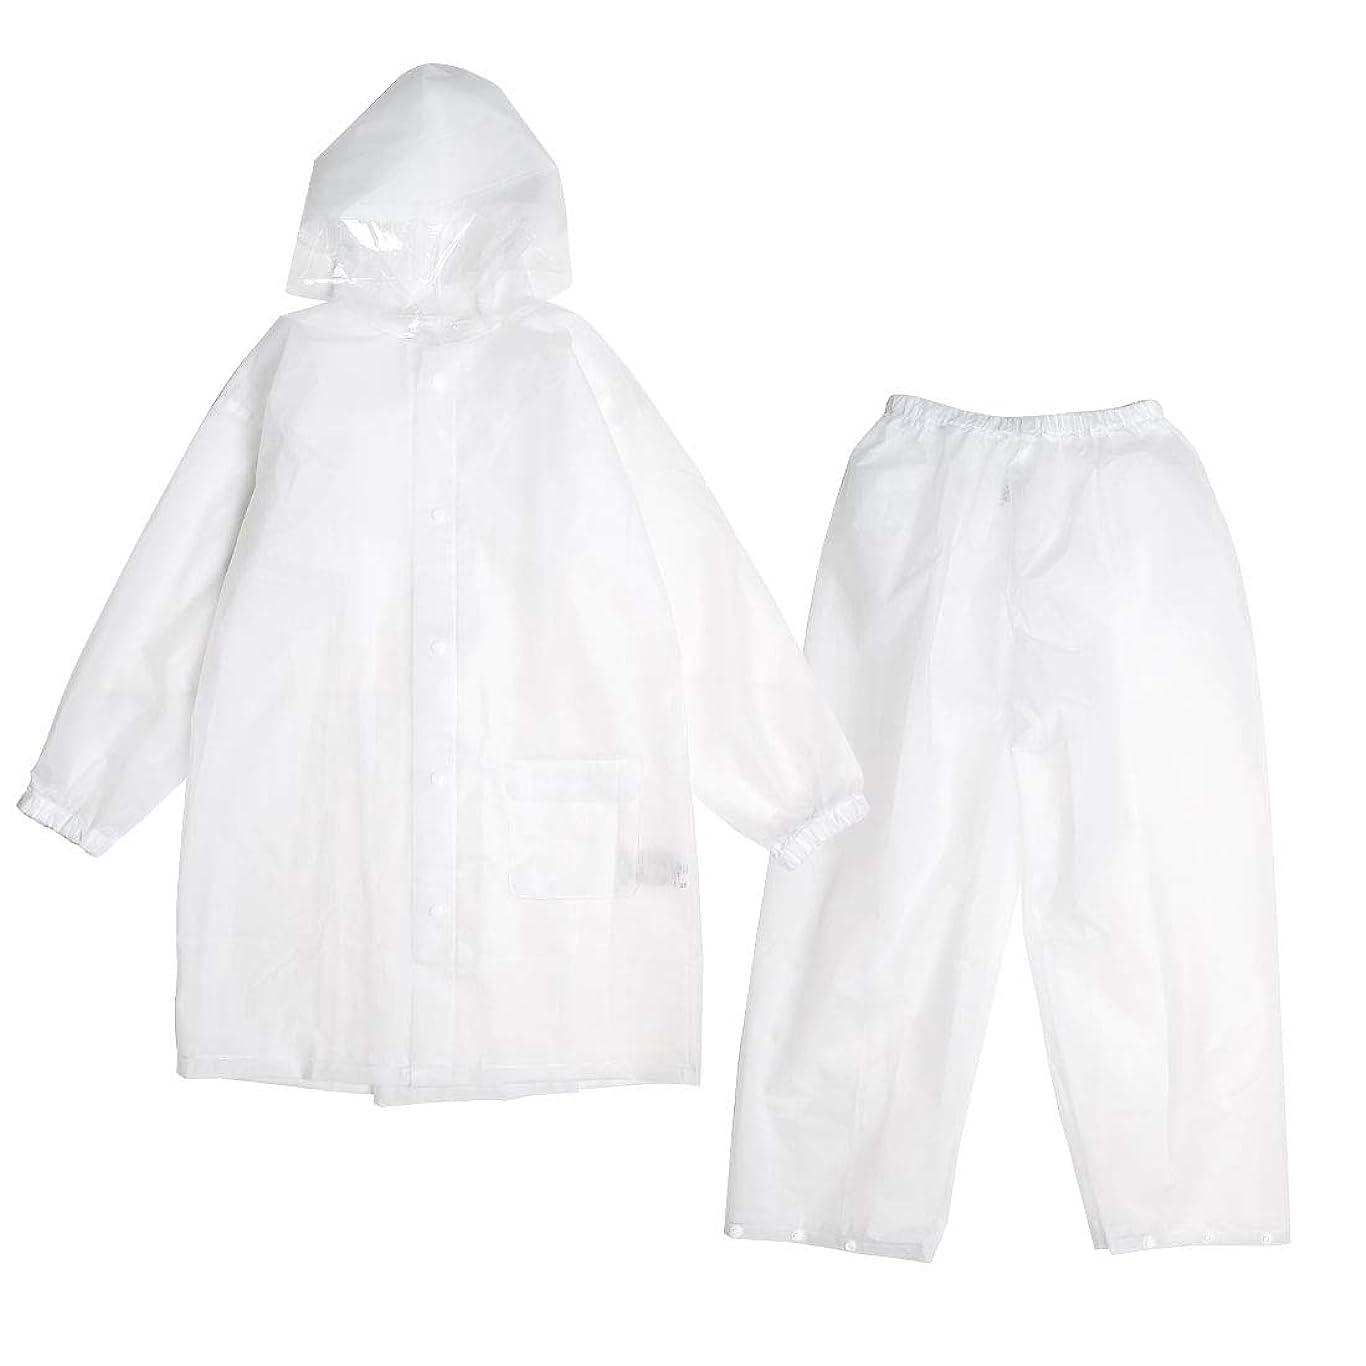 ソース温度グローブレインウェア キッズ ランドセル対応 女の子 男の子 140 130 120 160 150 110 カッパ レインスーツ 防水 軽量 レインウェア MARUJU 03001071 雨具 上下セット